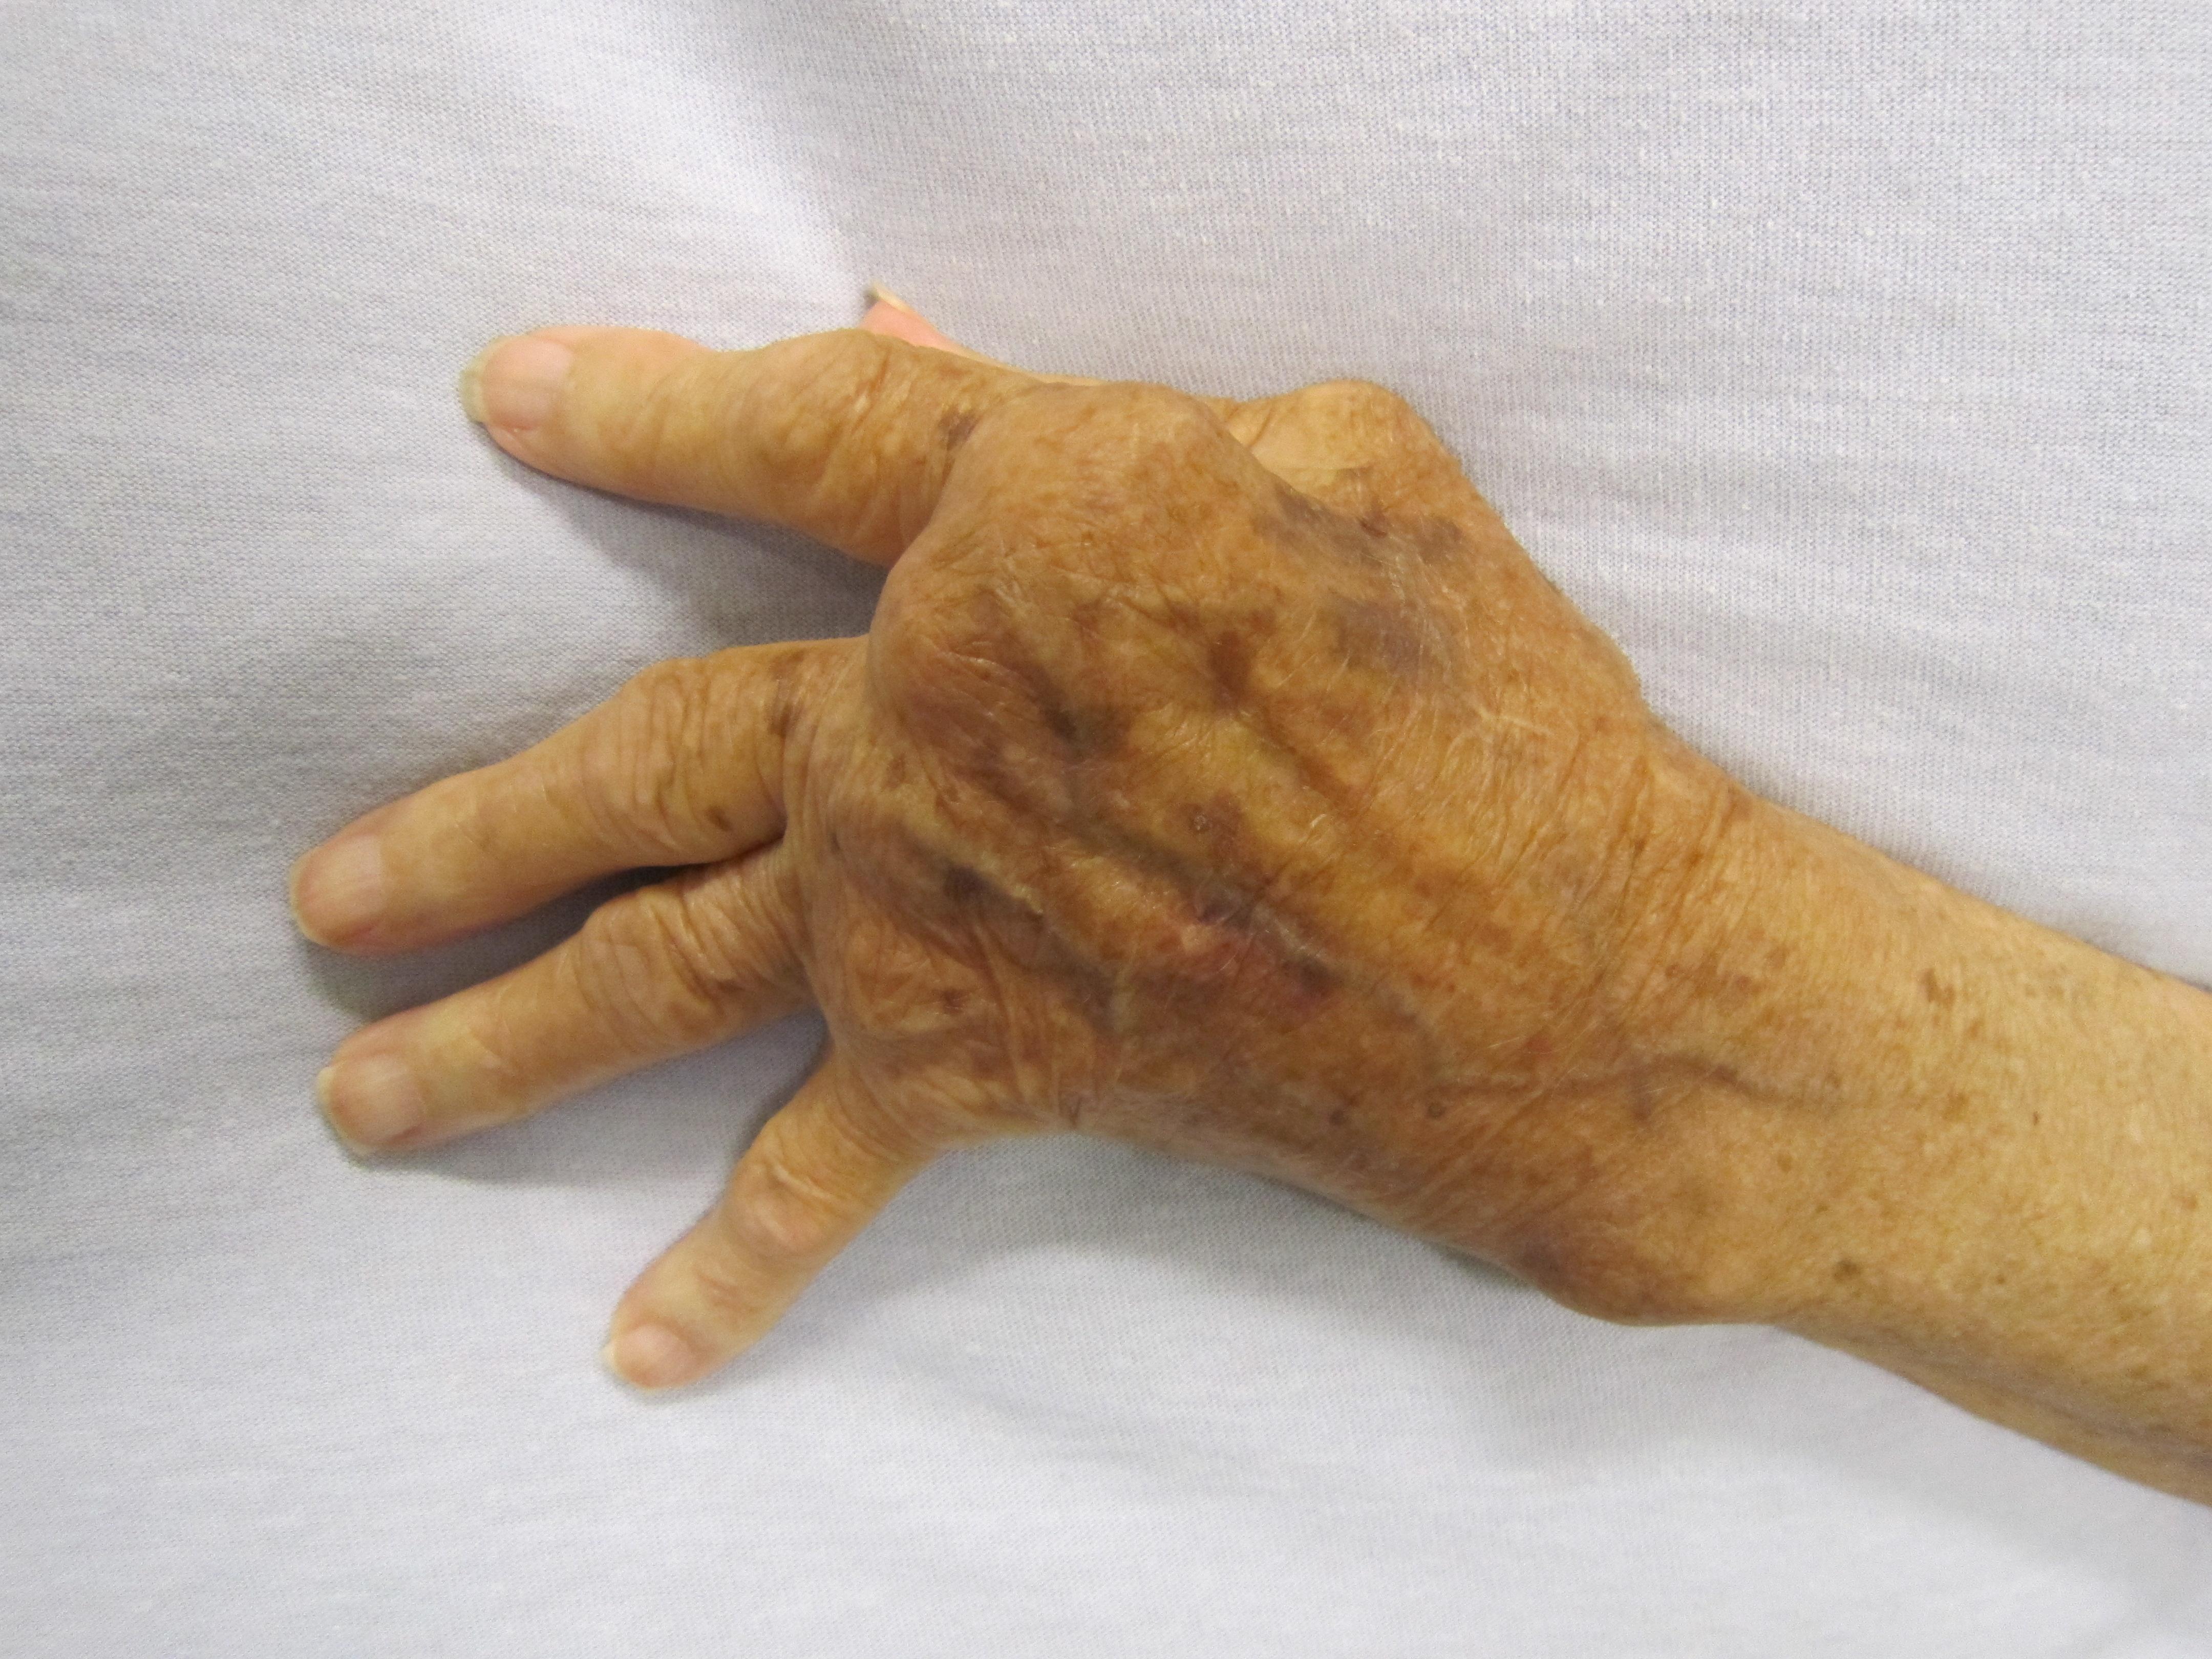 Reumatikus fájdalom 1. oldal - fájdalomportáerbenagrar.hu